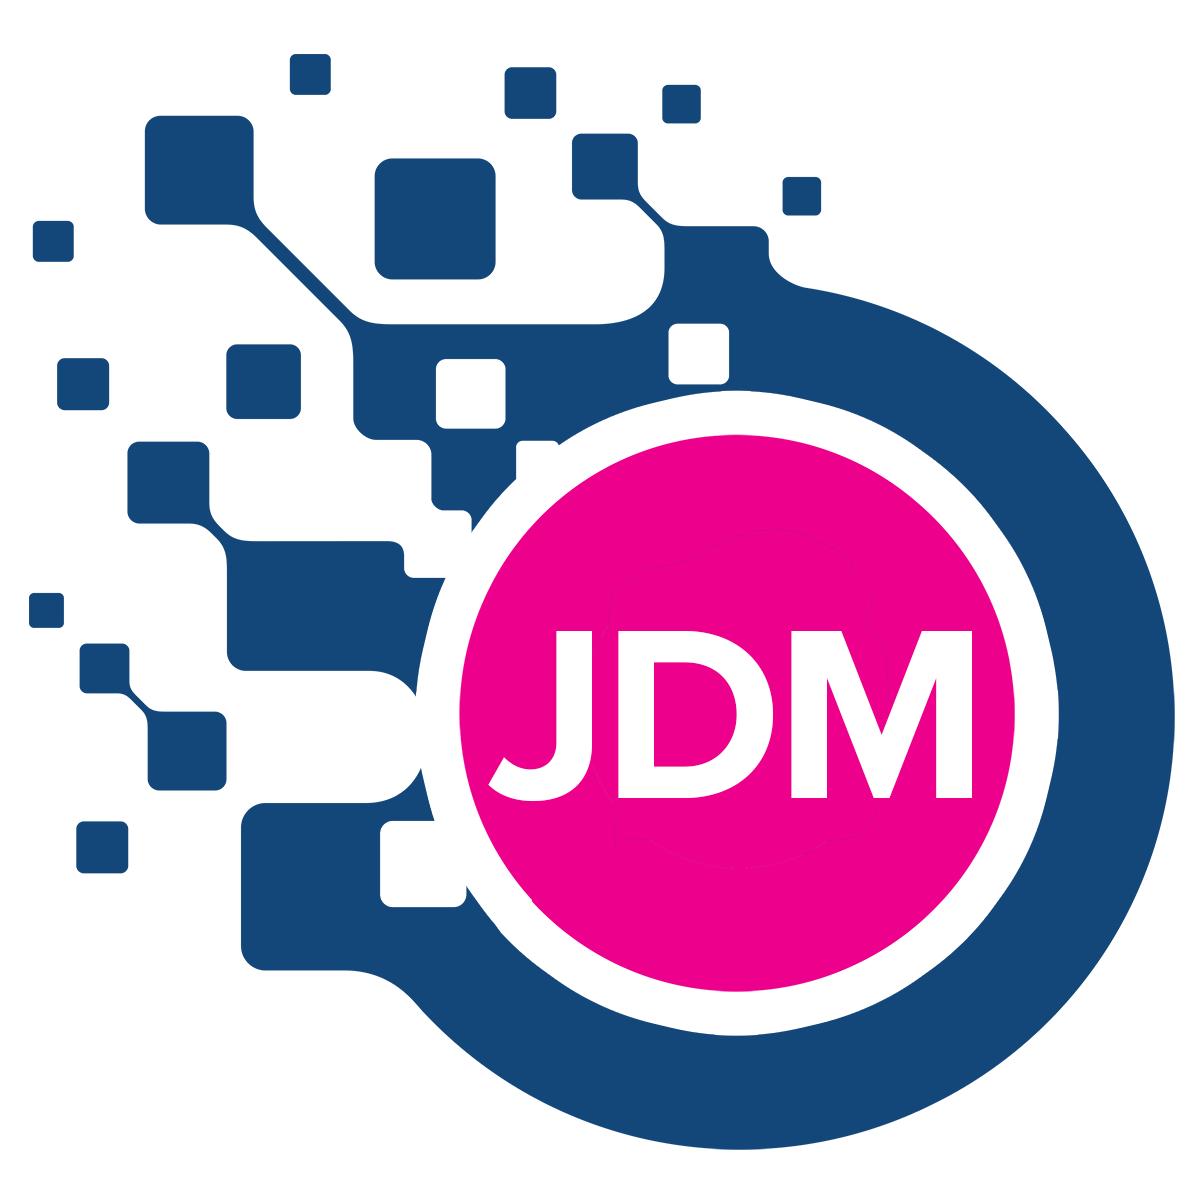 Jupiter Digital Media